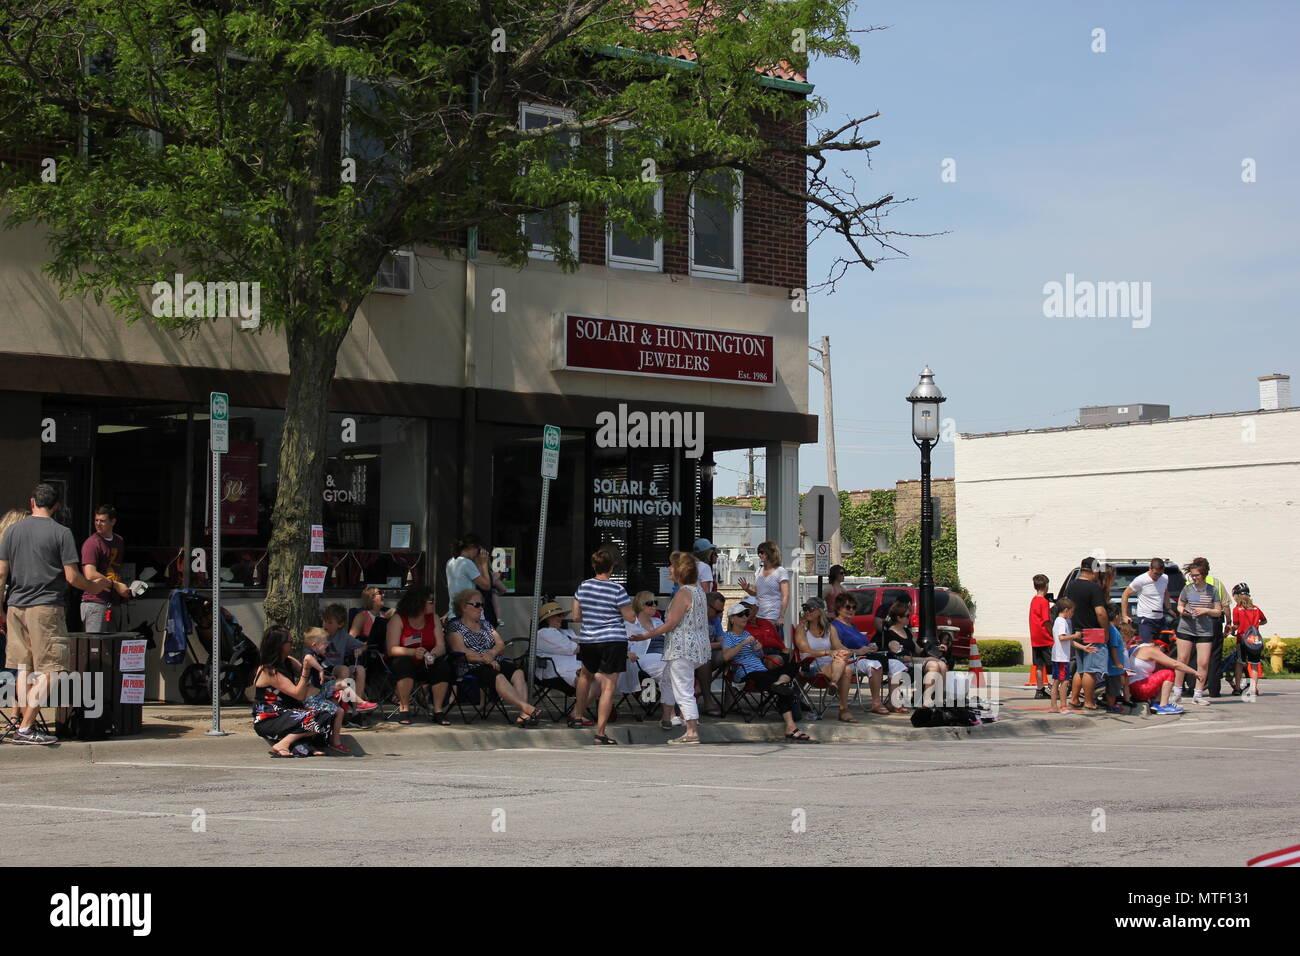 Ciudad pequeña escena desde el Memorial Day Parade 2018 en la exclusiva Park Ridge, Illinois. Imagen De Stock